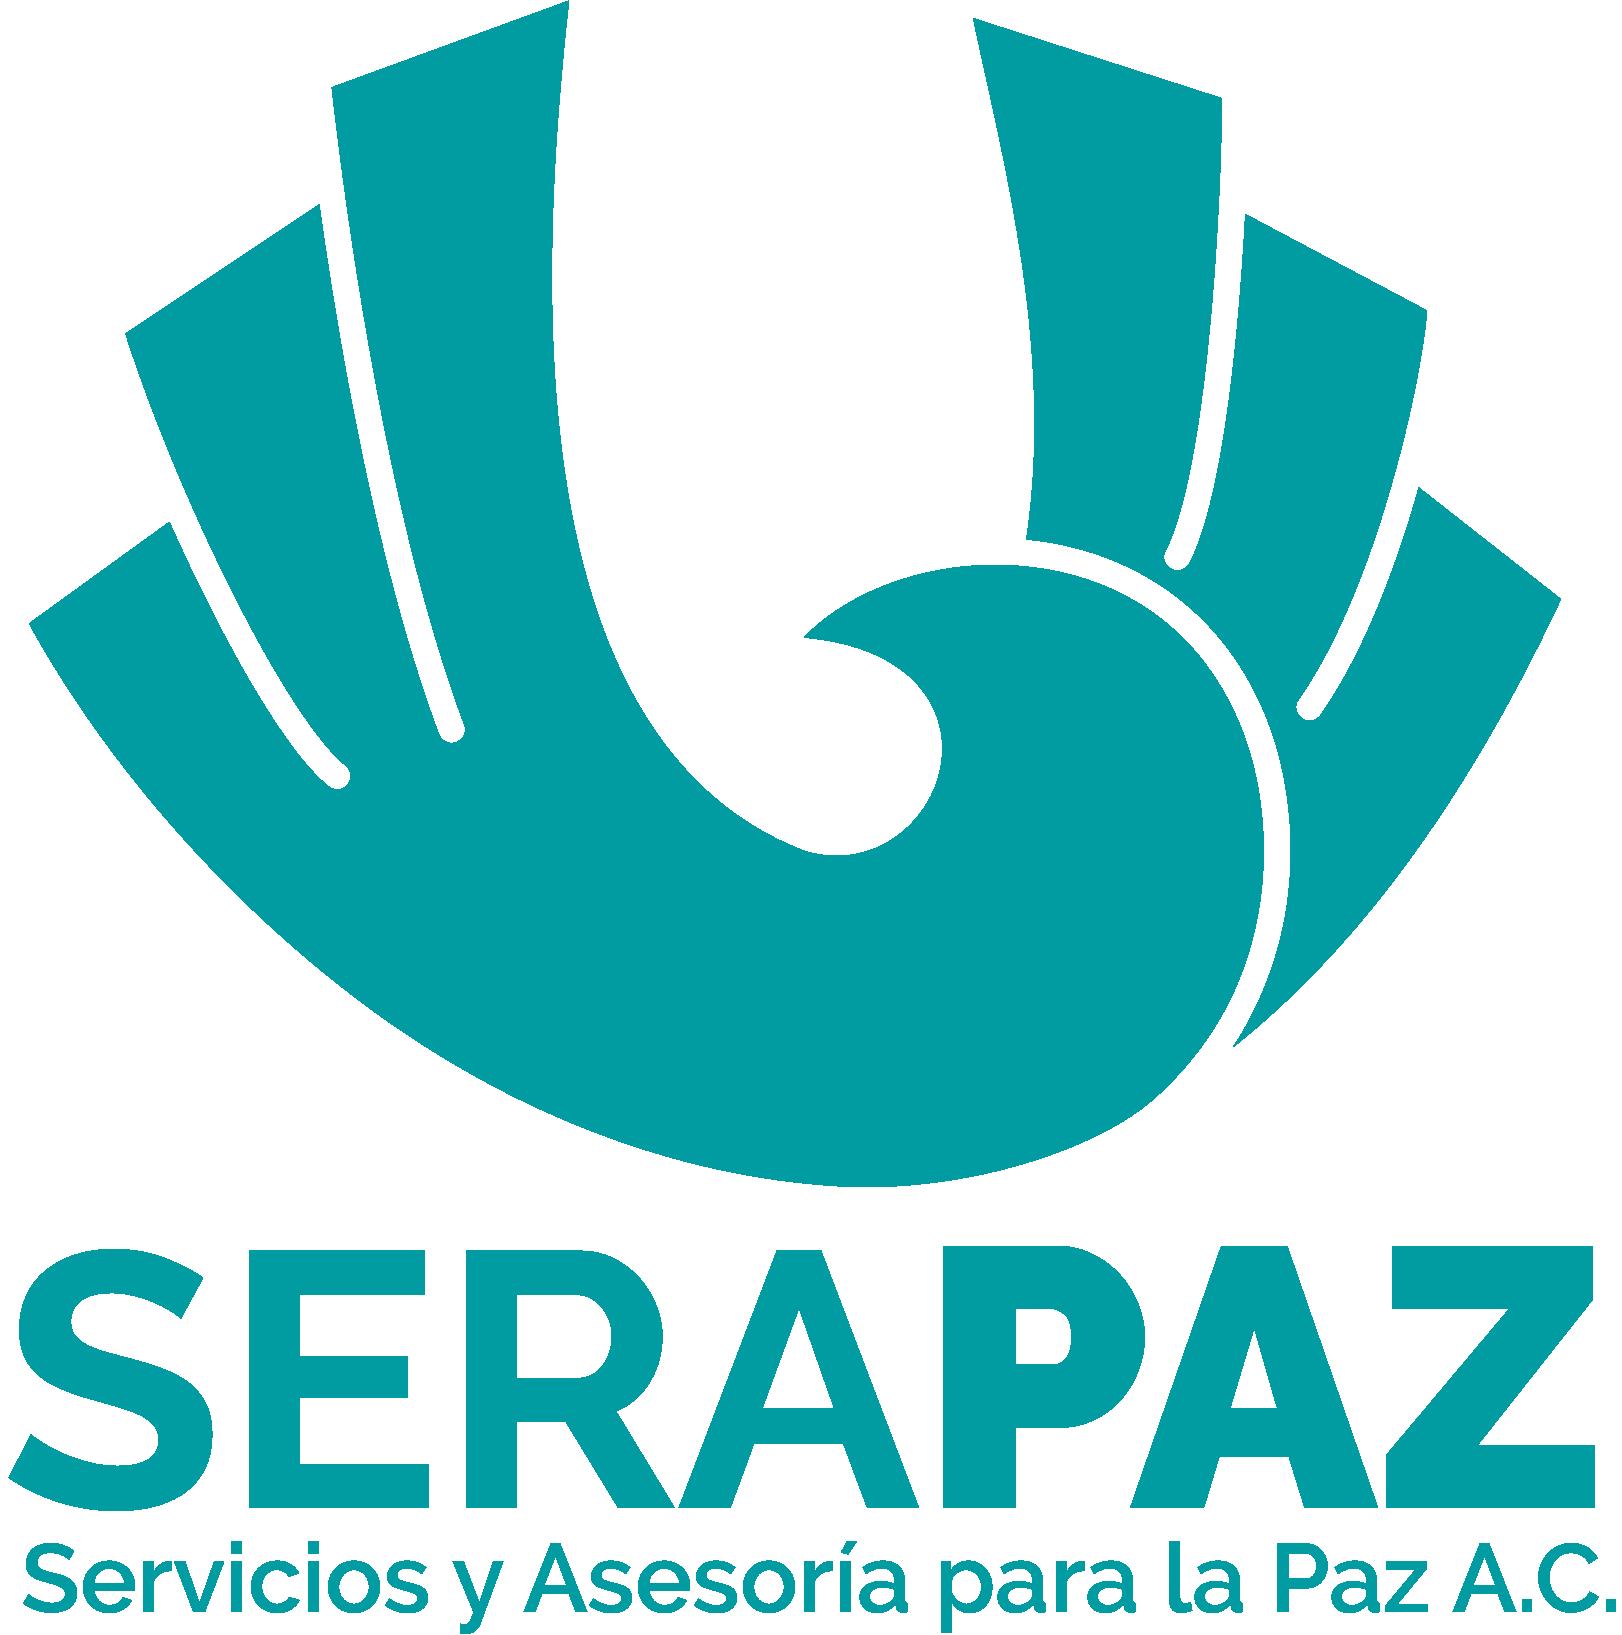 Servicios y Asesoría para la Paz, A. C.